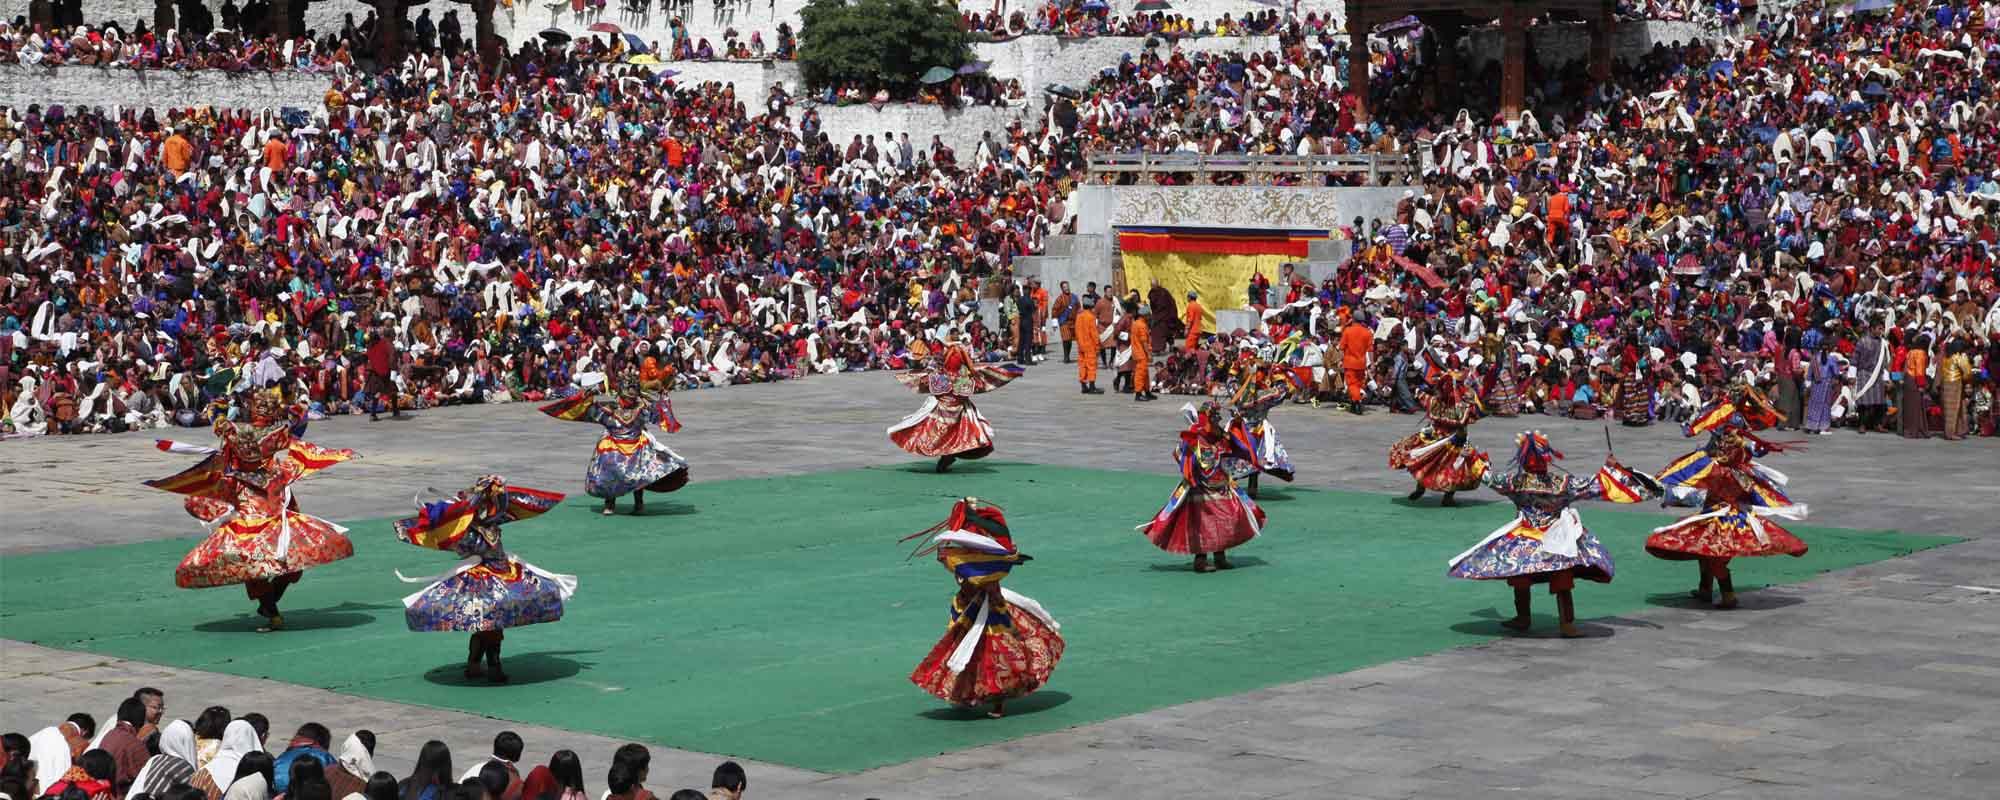 Bhutan Tsechu Festival Tour